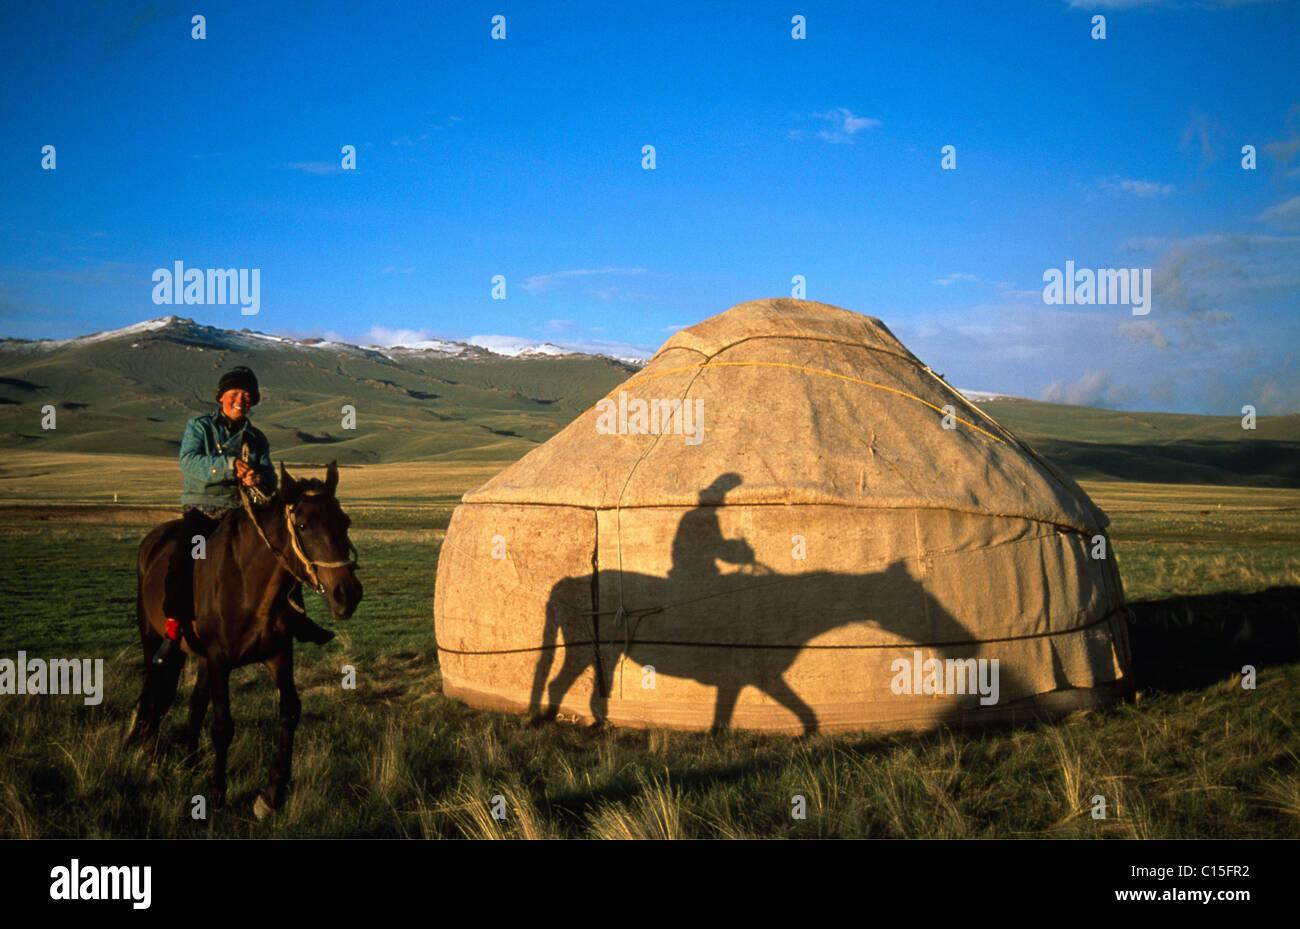 Le cheval et le cavalier en face d'une yourte, Moldo-Too Mountain Range, Song-Kul, du Kirghizistan, de l'Asie Photo Stock